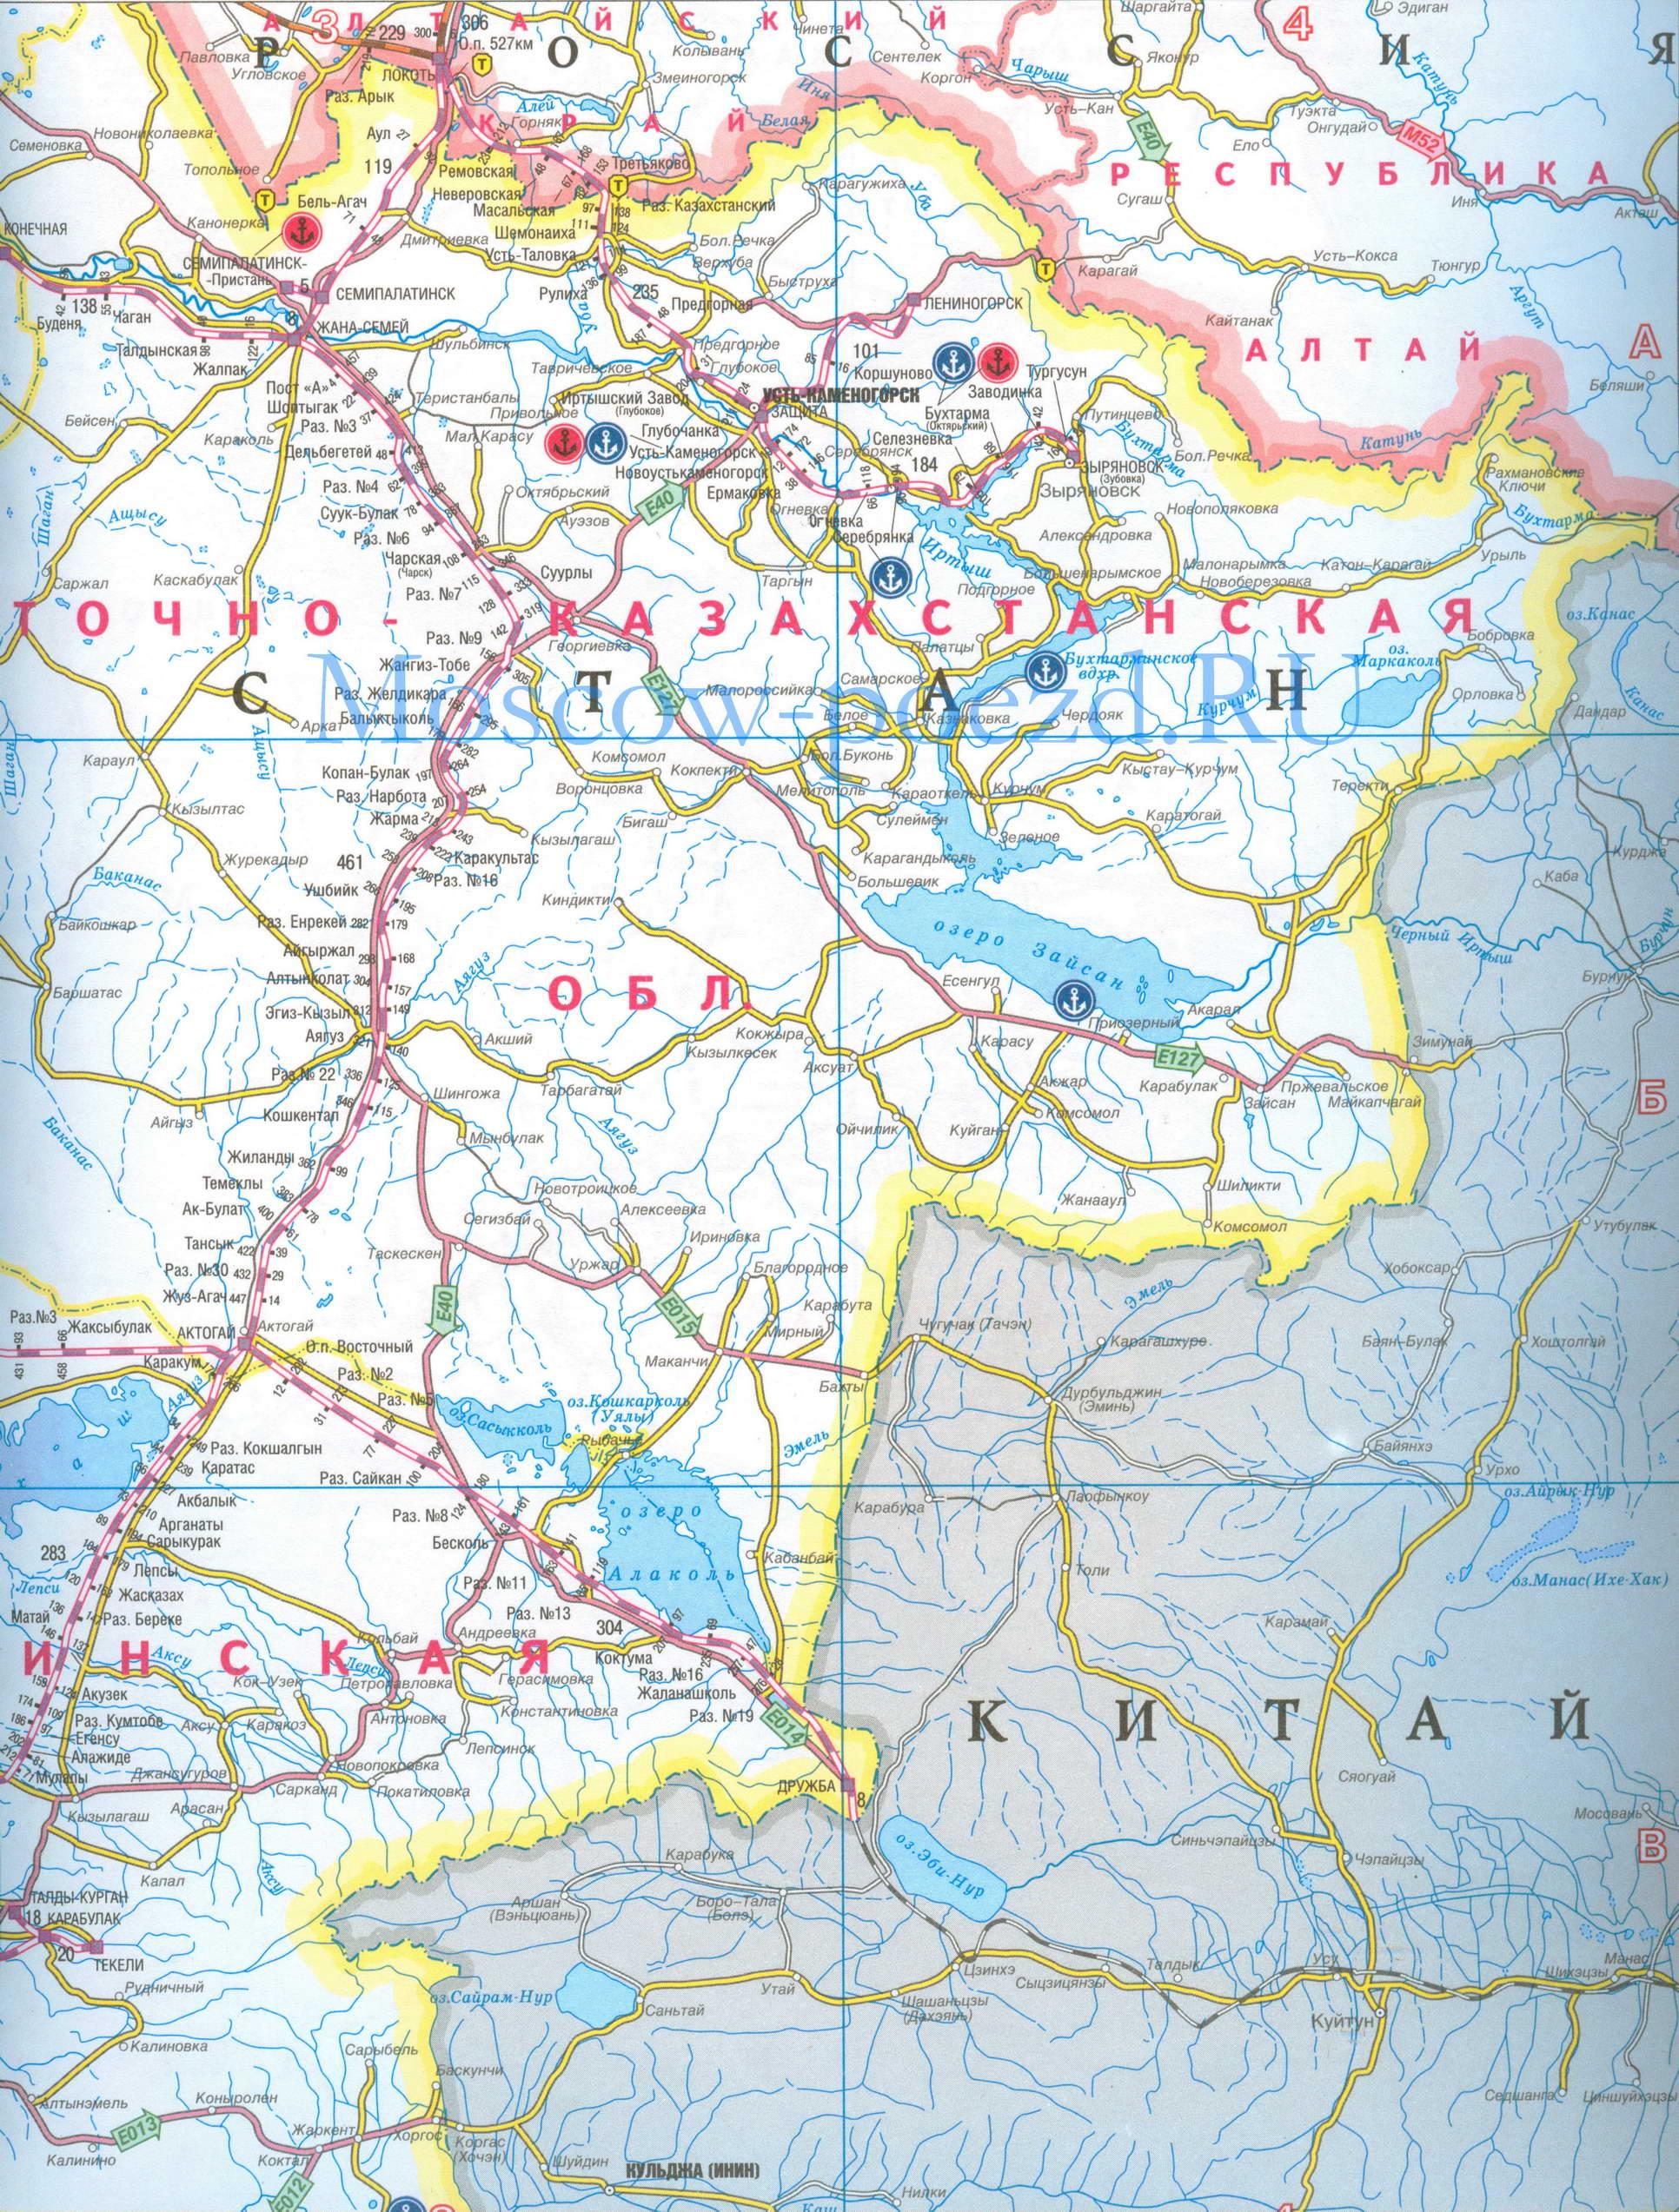 Карта Казахстана. Карта железных дорог Восточного ...: http://moscow-poezd.ru/map460381_0_0.htm